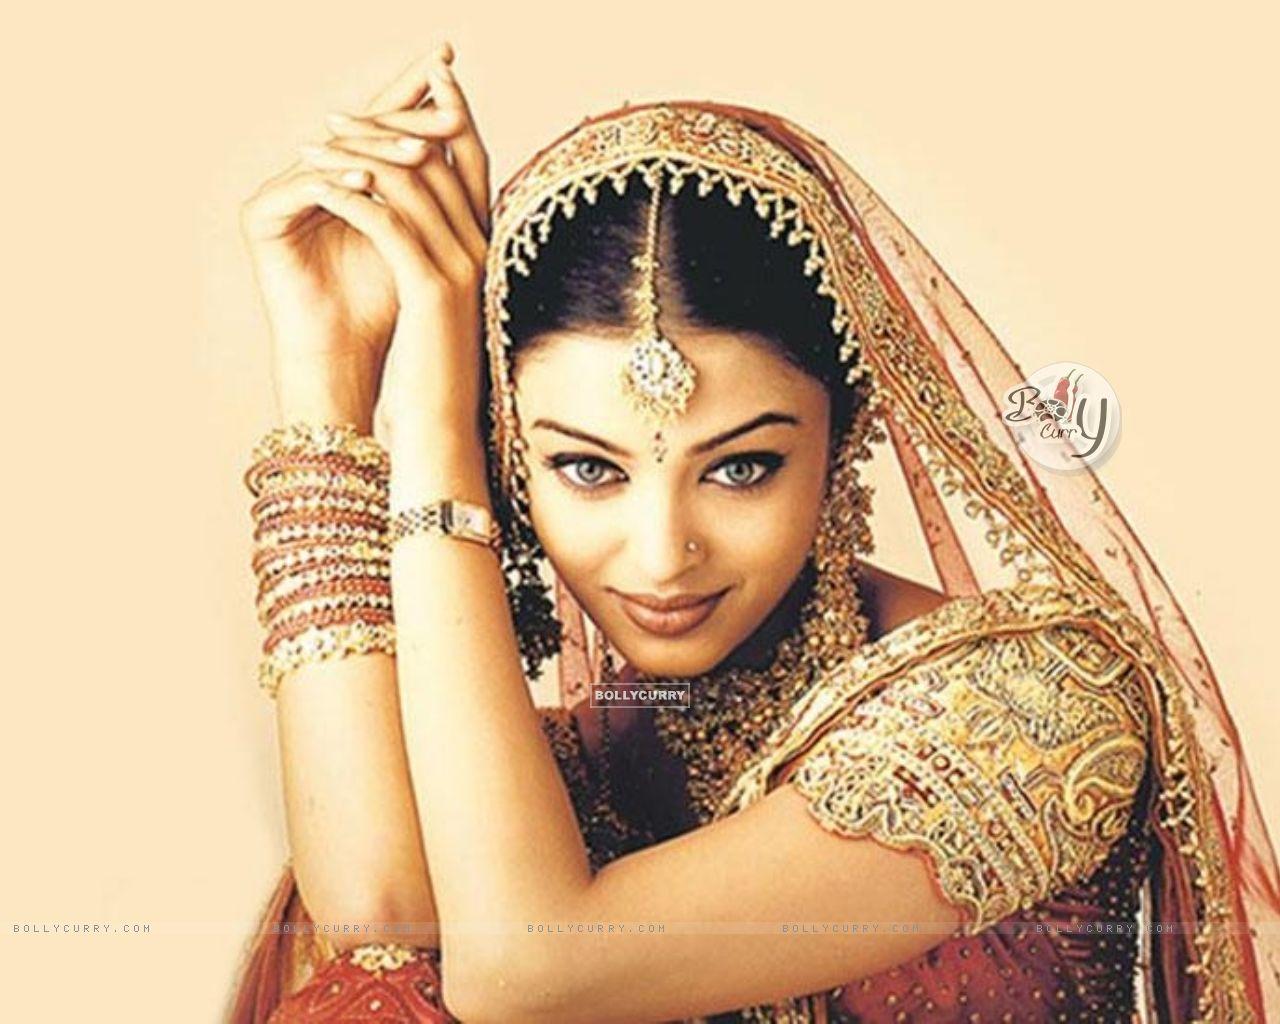 Фото красивых болливудских индийских женщин в эротических фотографиях 17 фотография